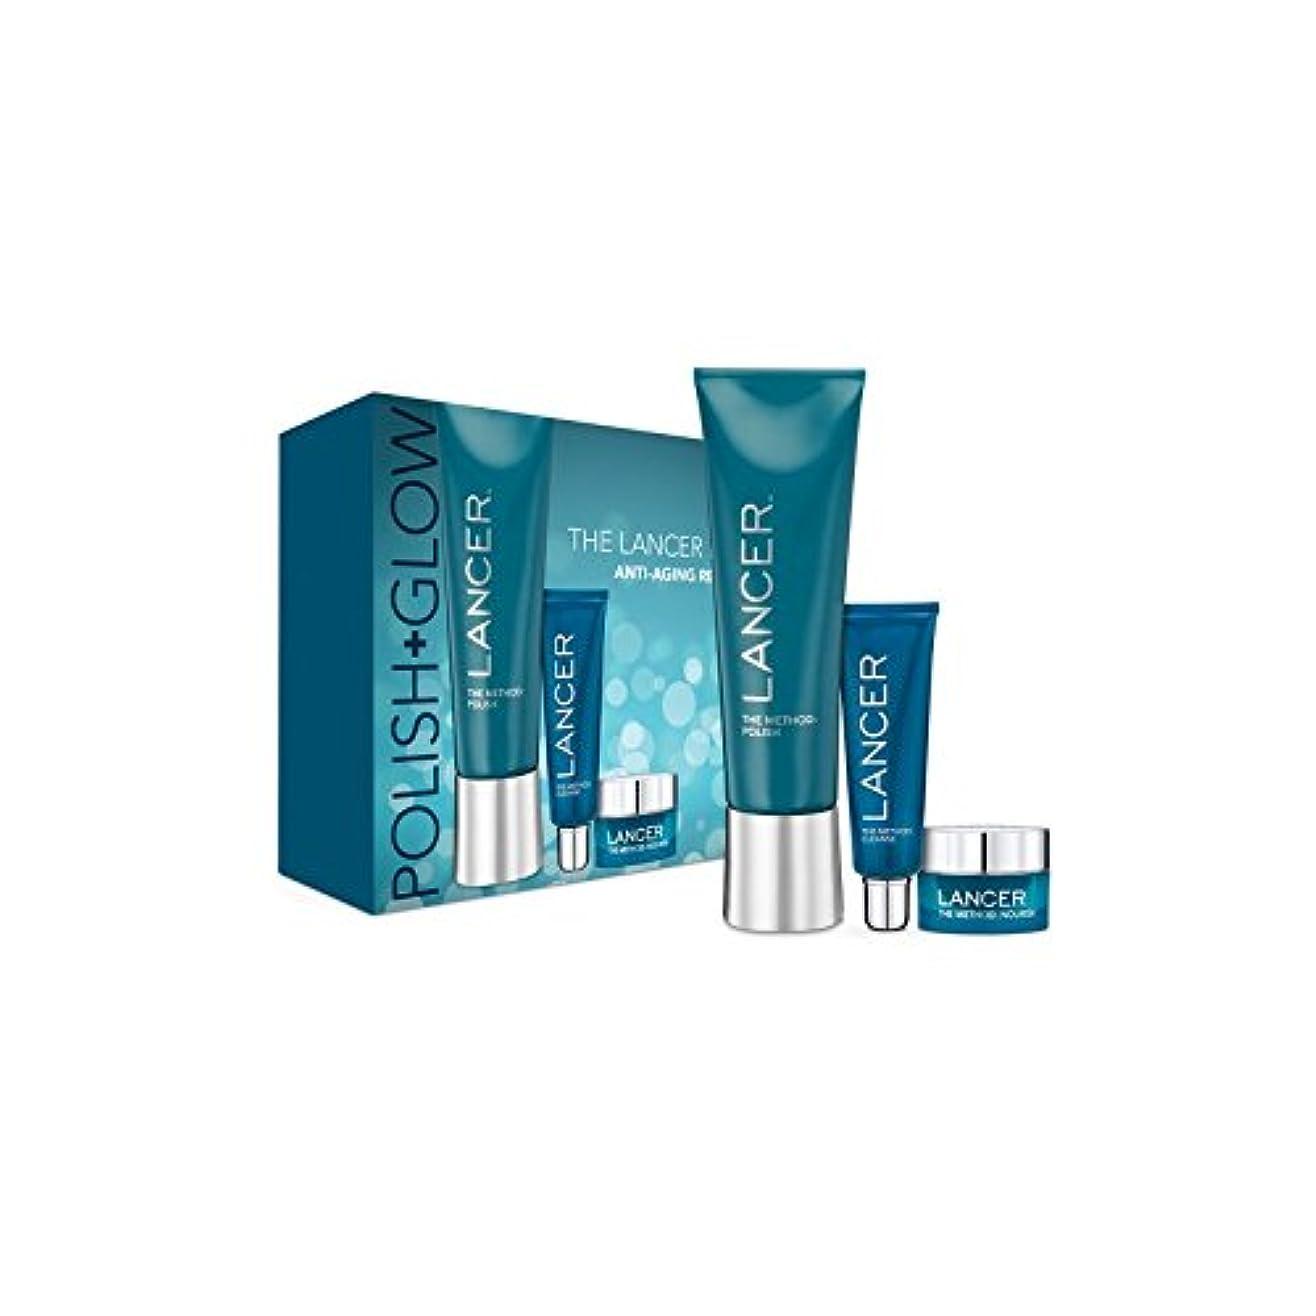 発生シーケンスアスレチックランサーは、この方法をスキンケア:ポリッシュ&グロー x2 - Lancer Skincare The Method: Polish & Glow (Pack of 2) [並行輸入品]